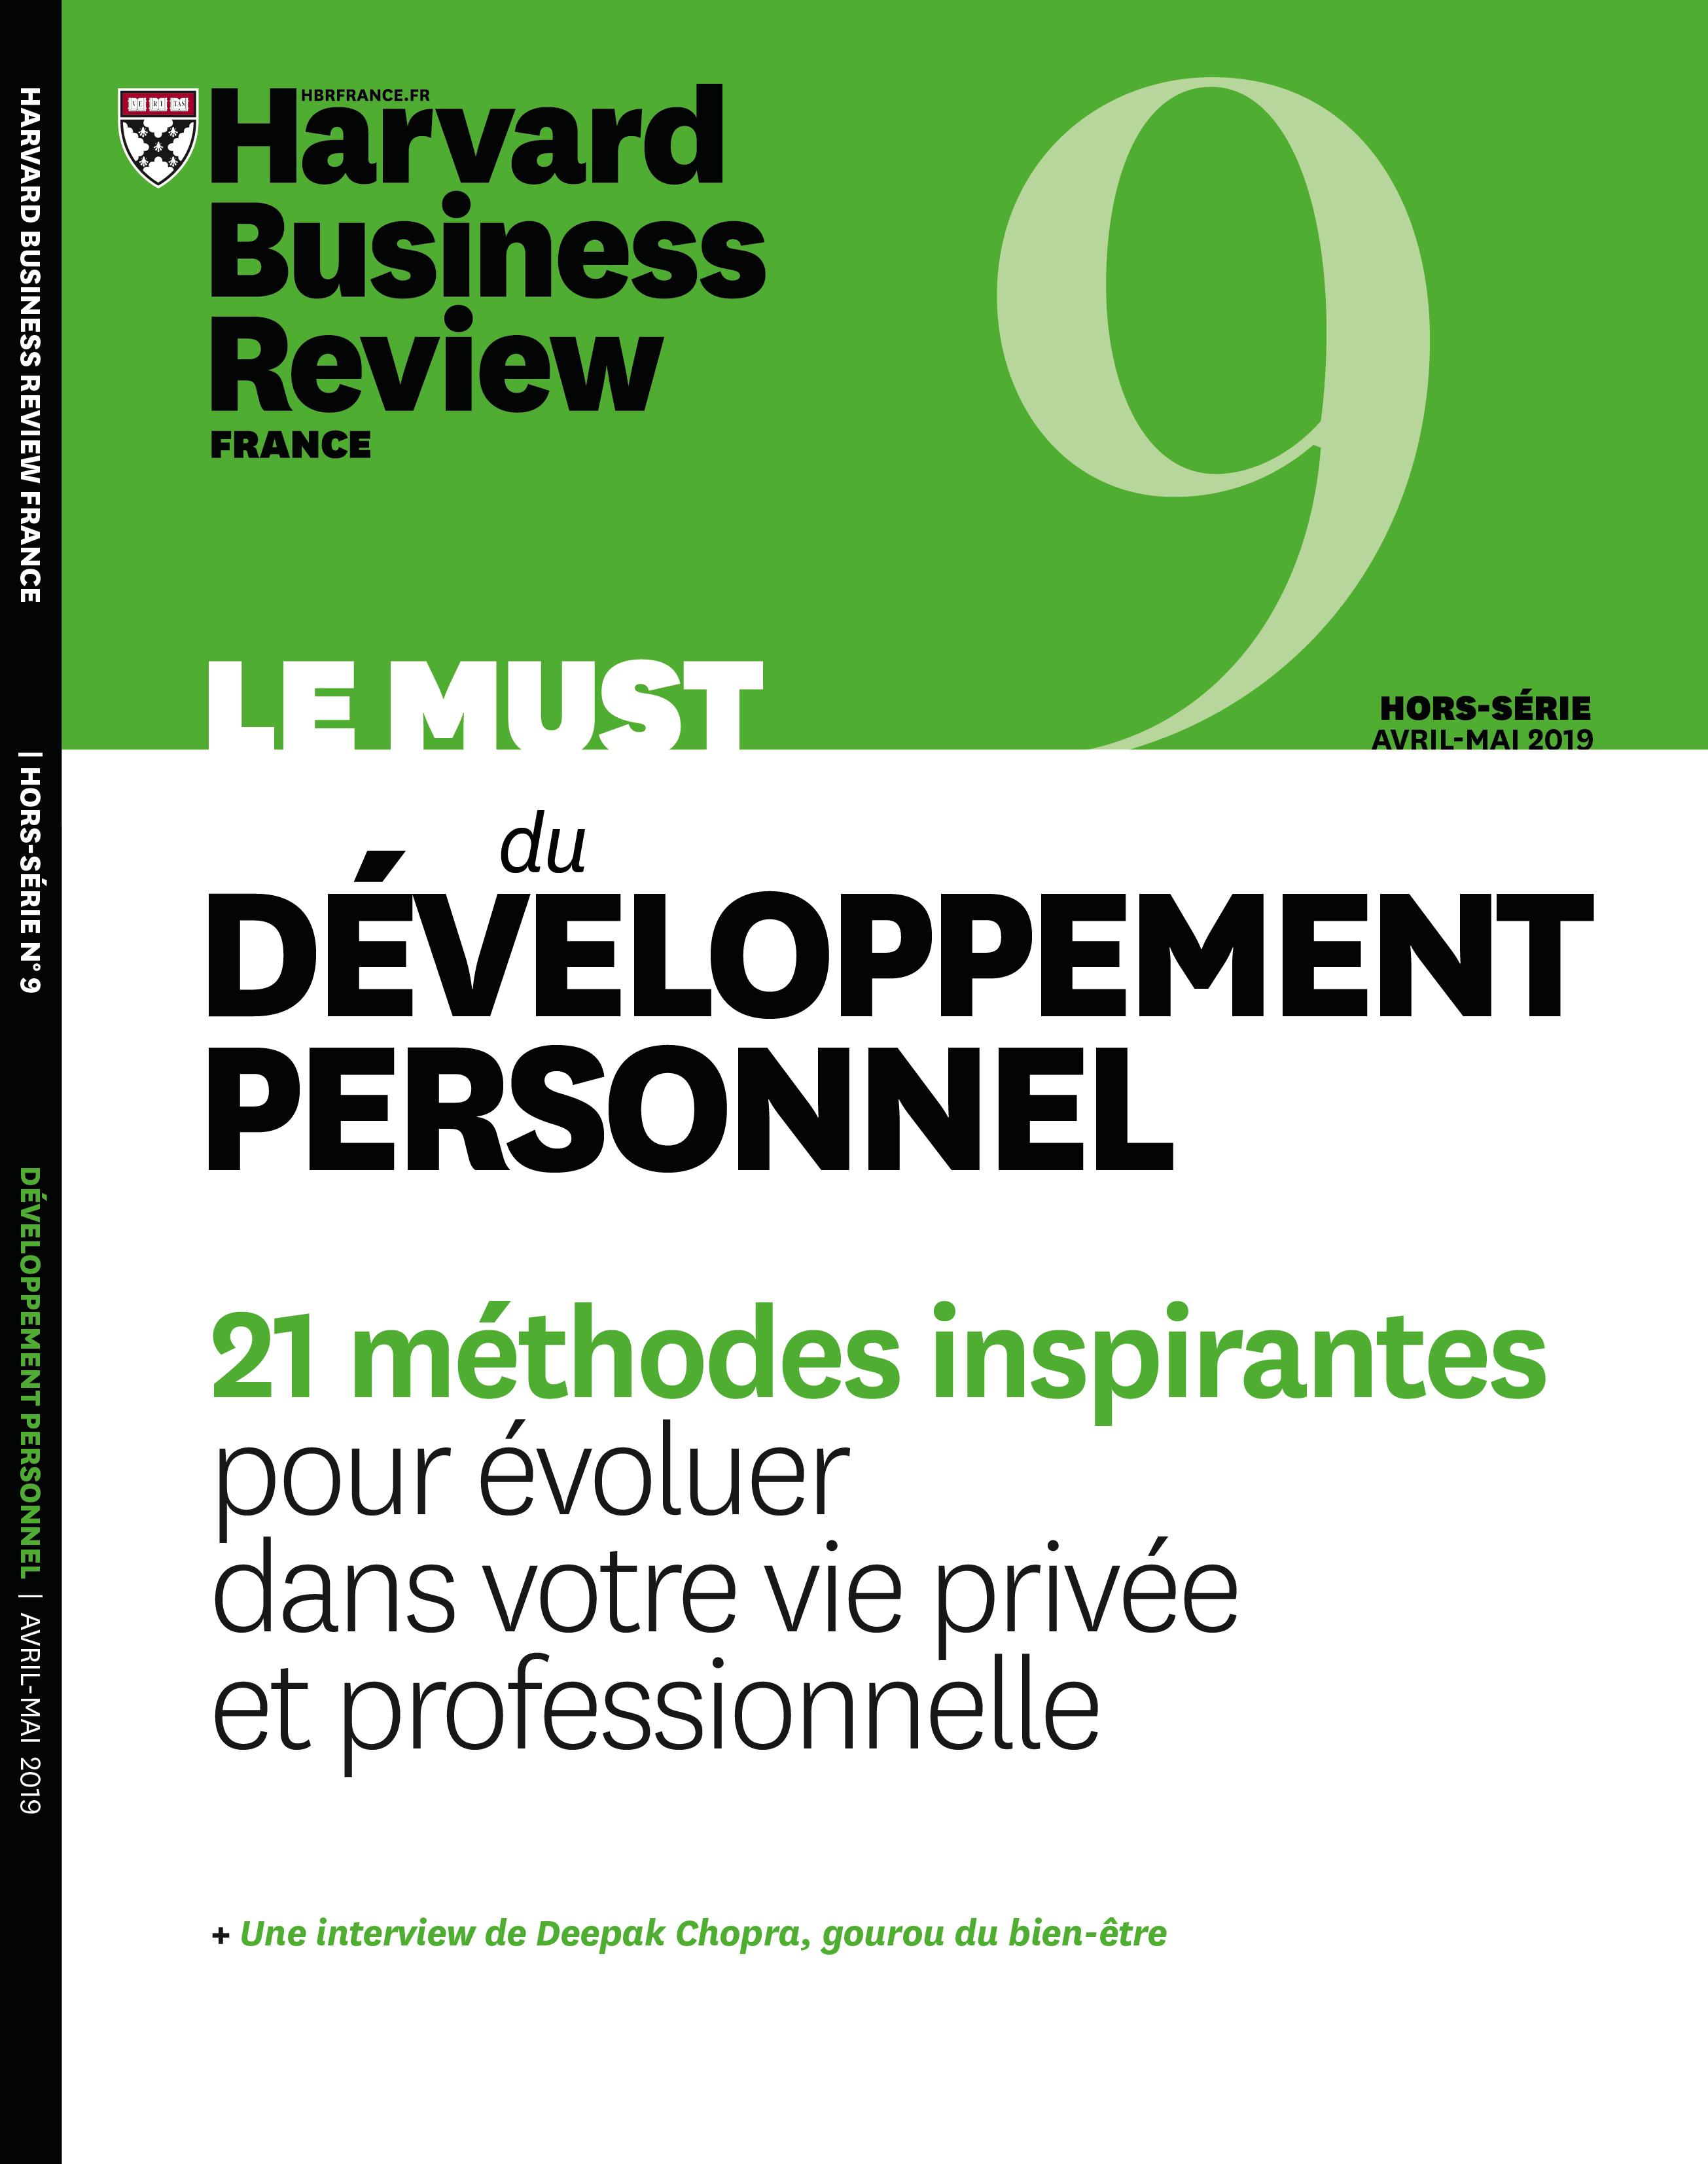 Le must du développement personnel